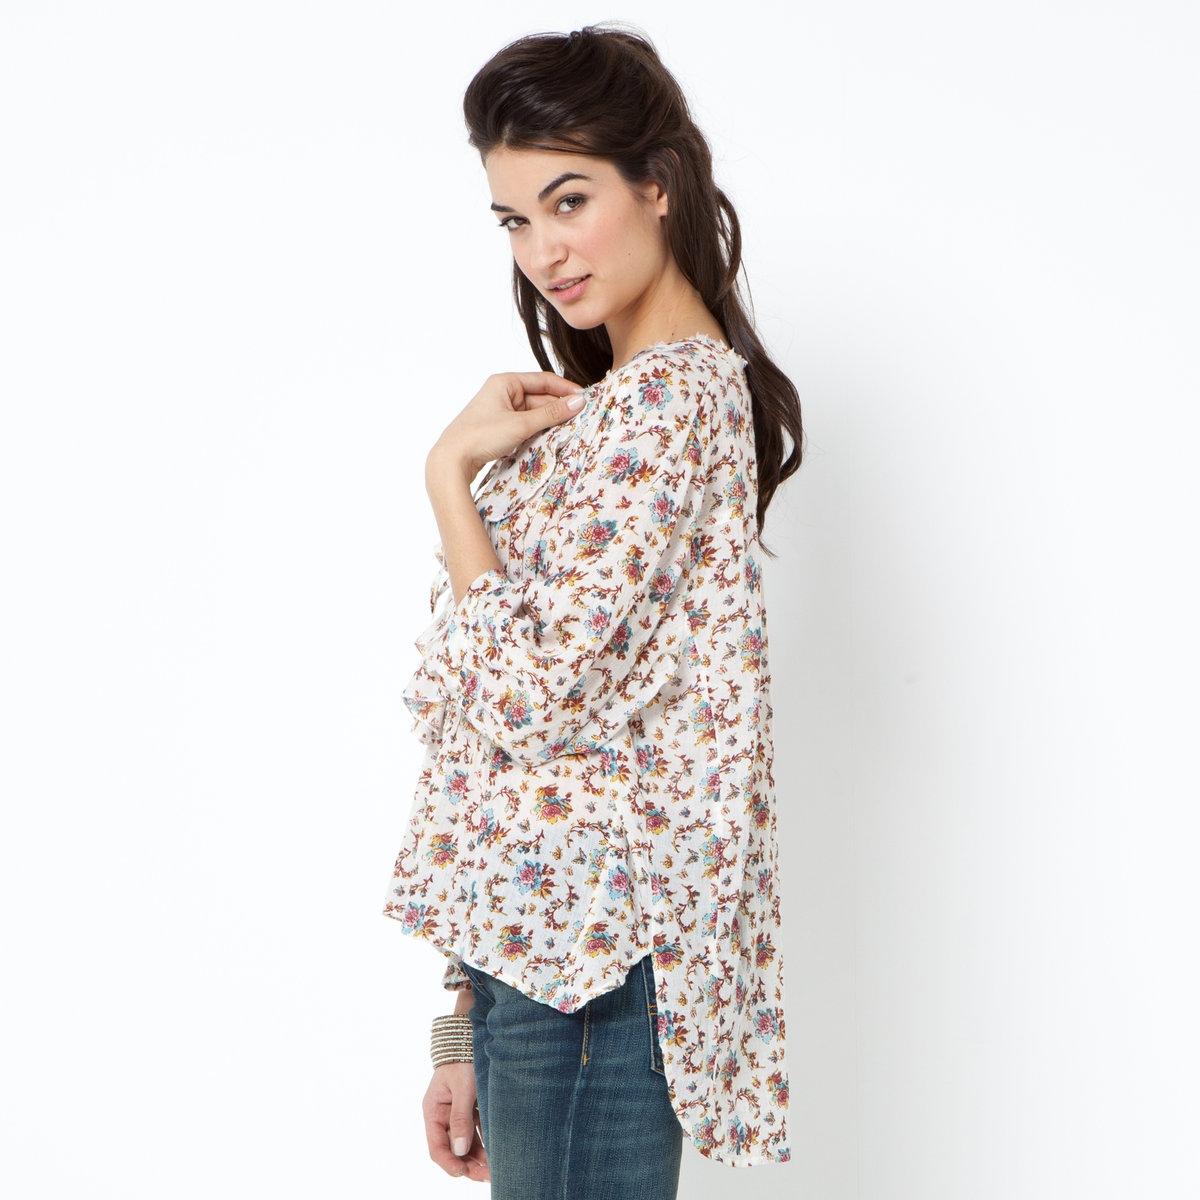 Блузка с рукавами 3/4Блузка с рисунком DENIM &amp; SUPPLY 100% хлопка. Рукава 3/4. Воланы спереди. Длина ок.63 см.<br><br>Цвет: цветочный рисунок<br>Размер: XS.S